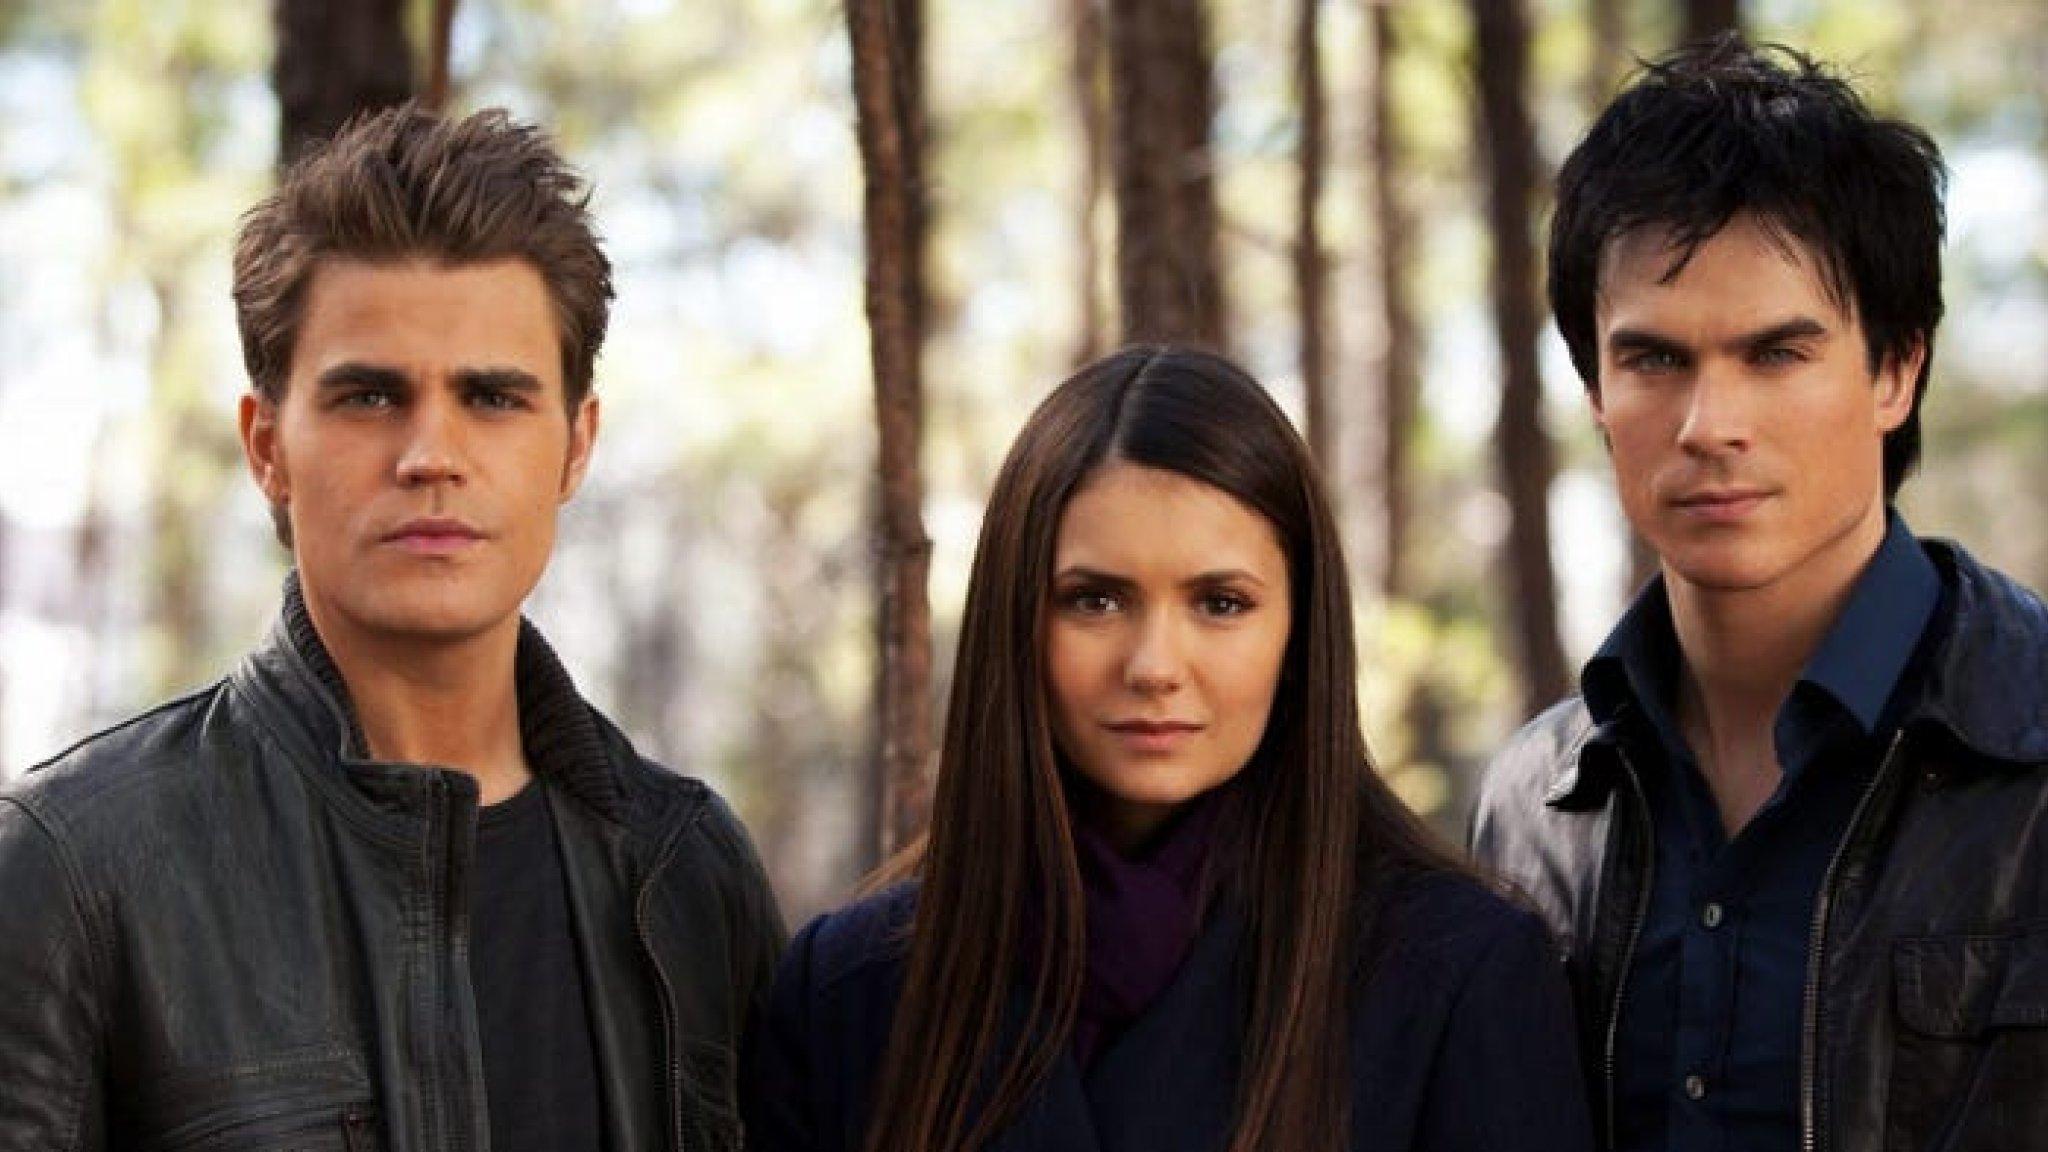 De tandjes! Netflix verwijdert álle seizoenen The Vampire Diaries - RTL Nieuws